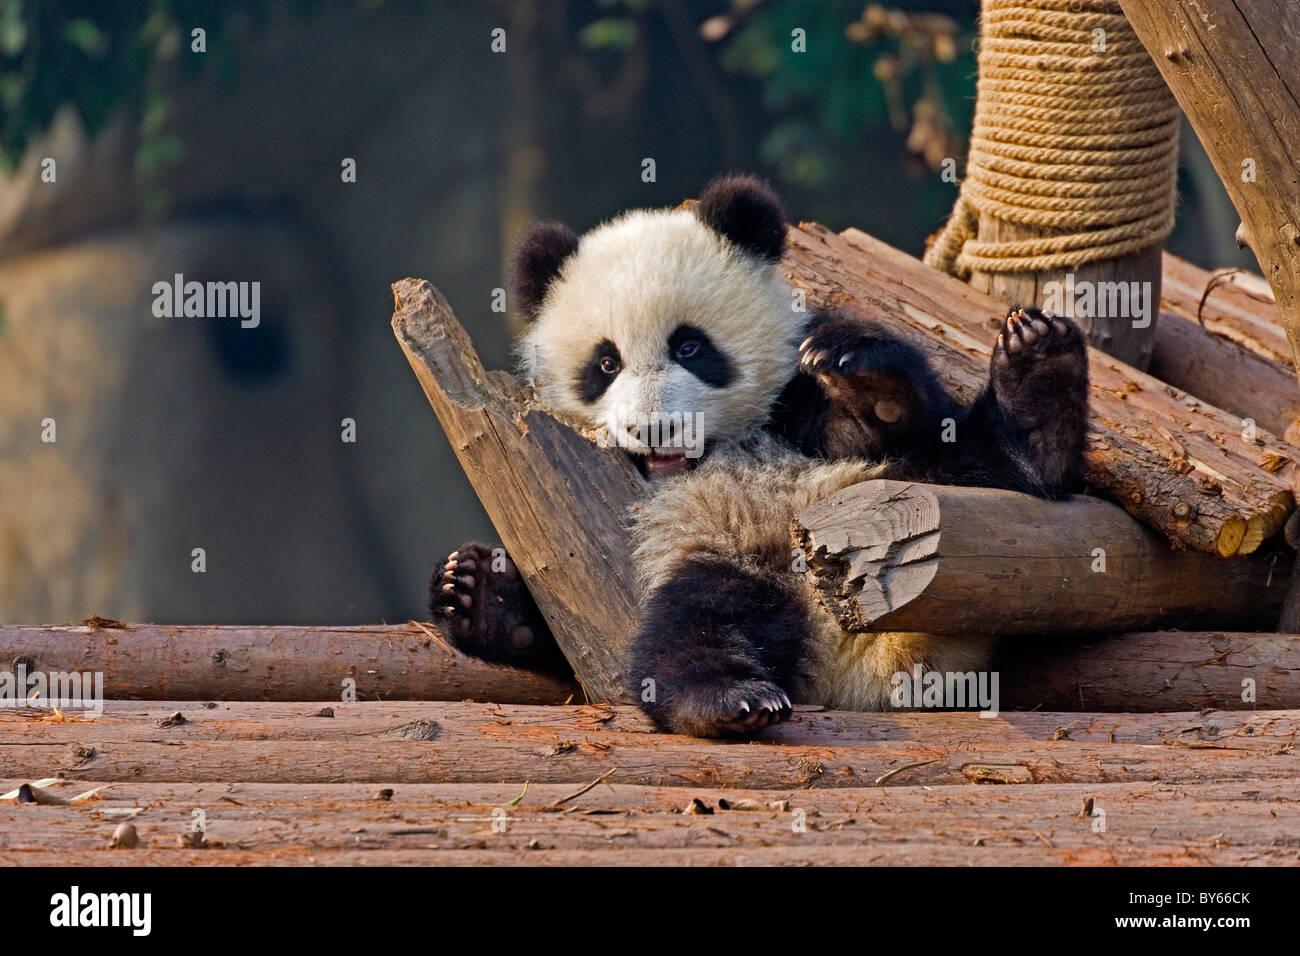 Les jeunes Grand Panda cub à Chengdu Research Base de reproduction du Panda Géant, en Chine. JMH4379 Photo Stock